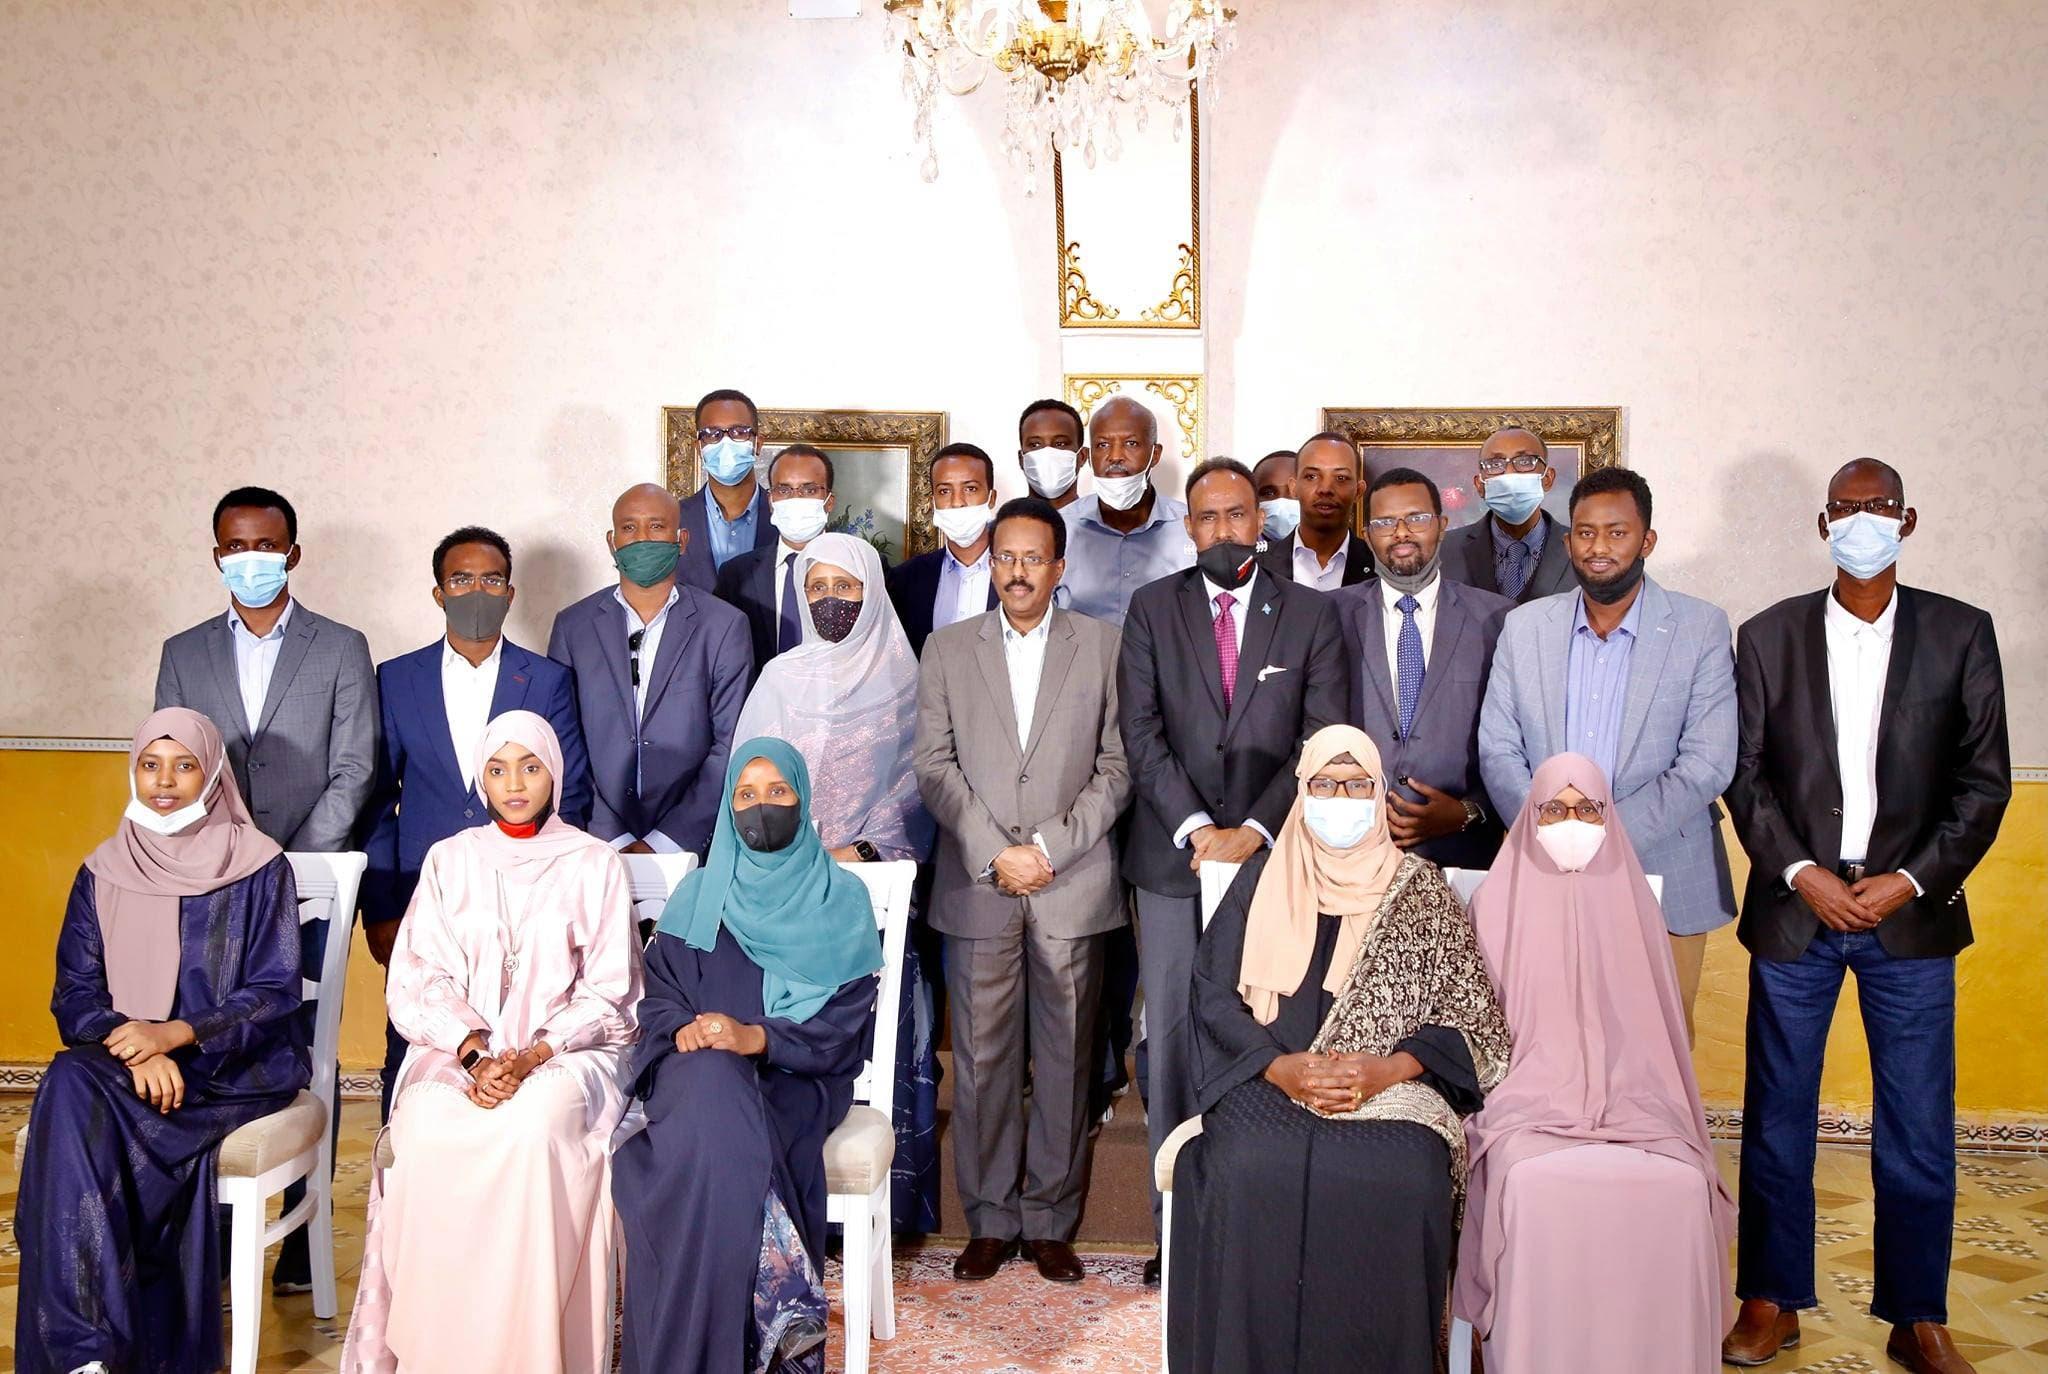 Sawirro: FARMAAJO oo kulan kale ku qabtay Villa Somalia